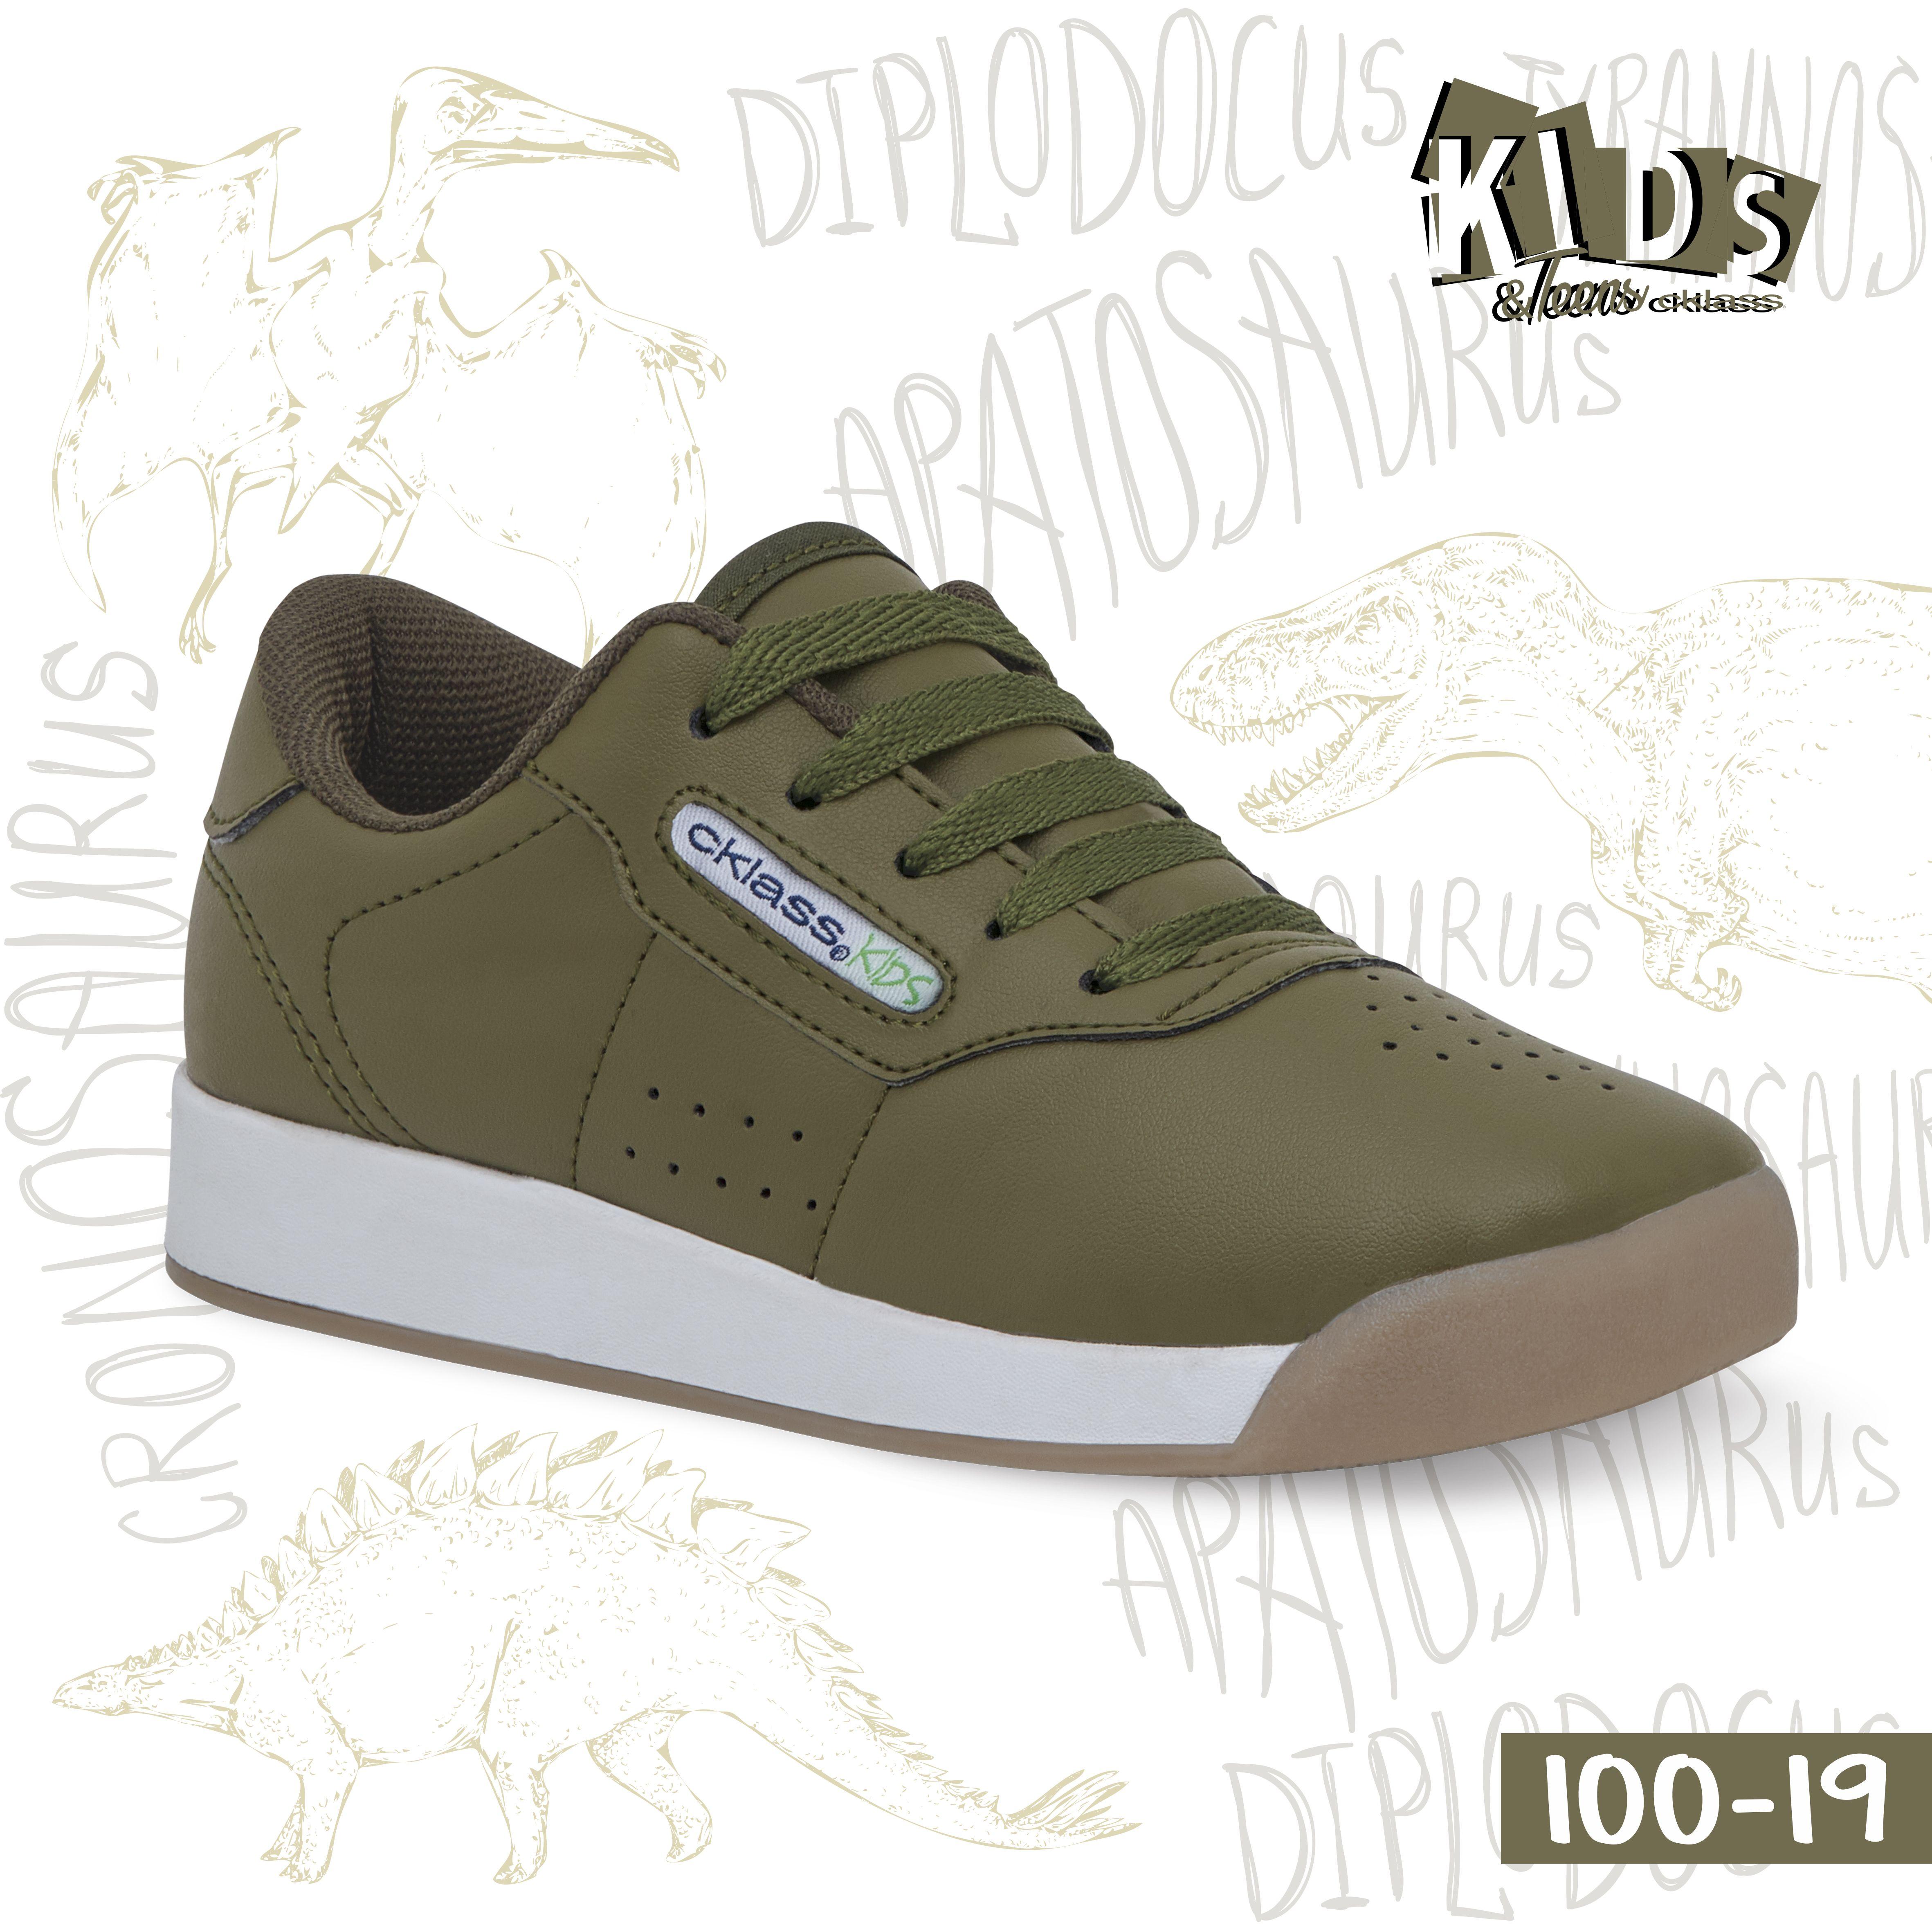 finest selection 8a0b5 309b5 Tenis casual color verde militar con suela gruesa blanca y agujetas. Modelo  100-19